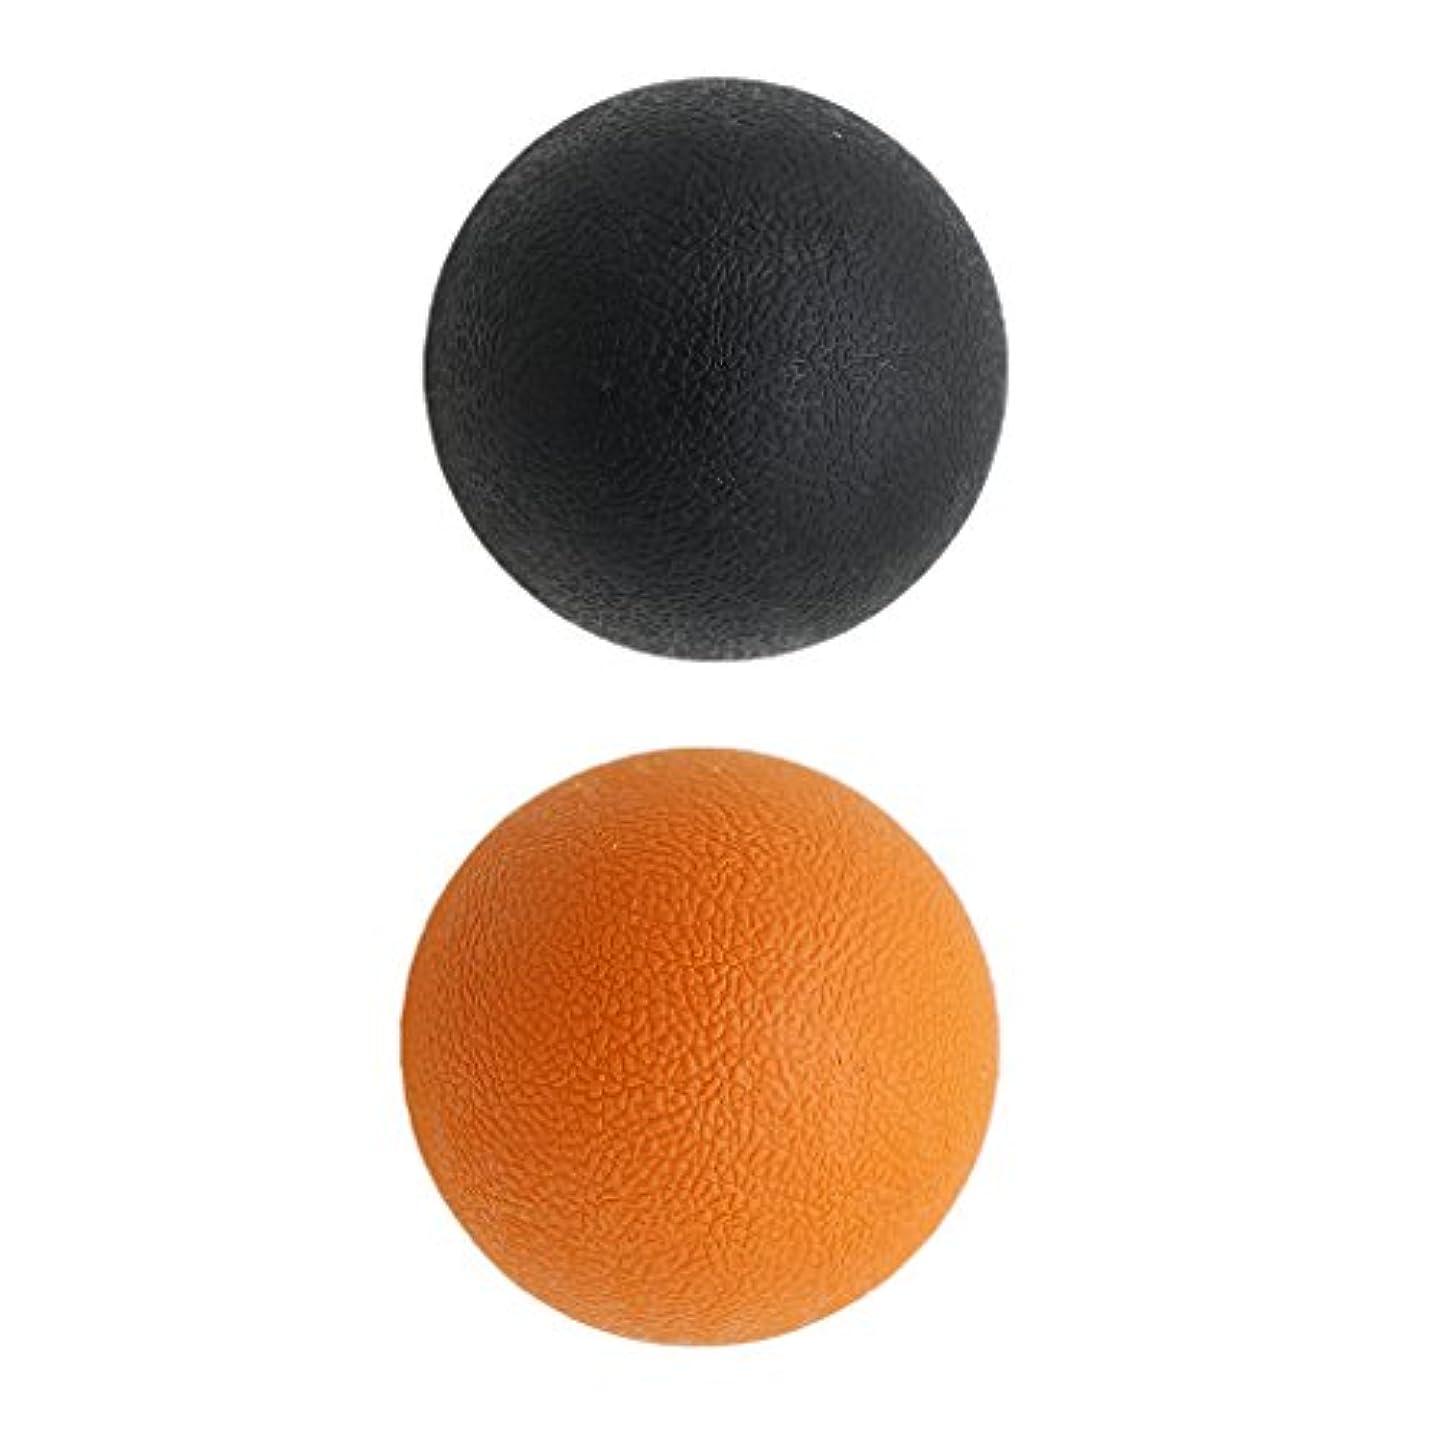 消費するである用量Kesoto 2個 マッサージボール ラクロスボール 背部 トリガ ポイント マッサージ 多色選べる - オレンジブラック